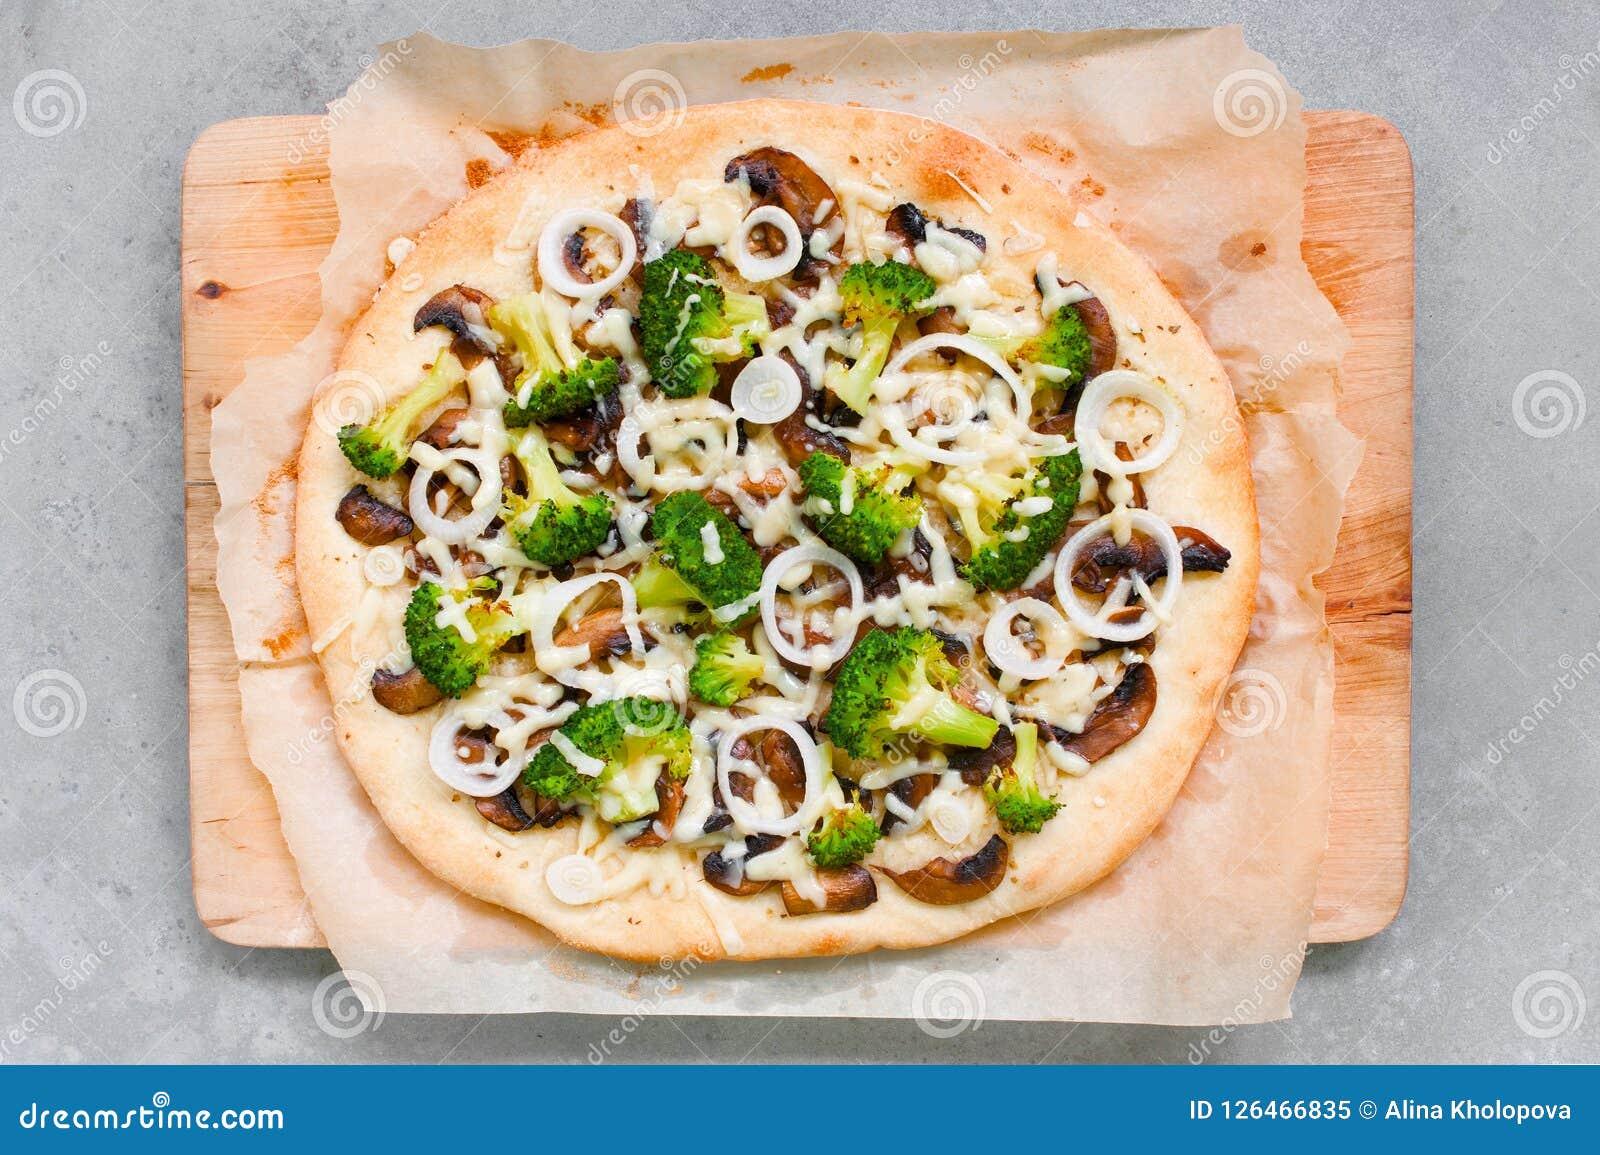 Φρέσκια σπιτική χορτοφάγος πίτσα